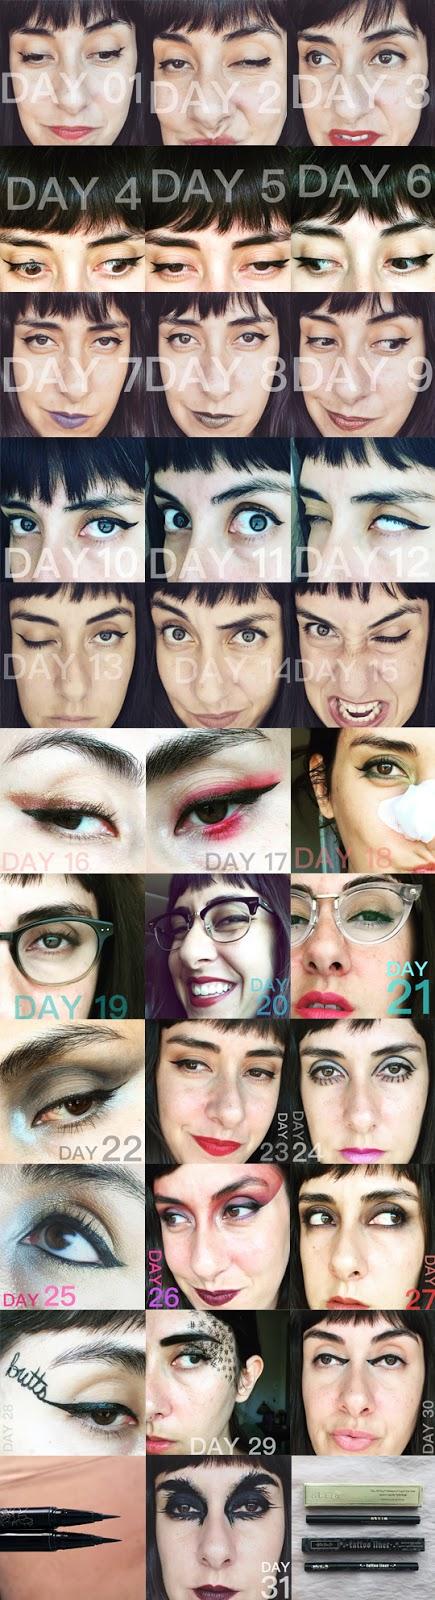 31 Days of Liquid Eyeliner :: Results!